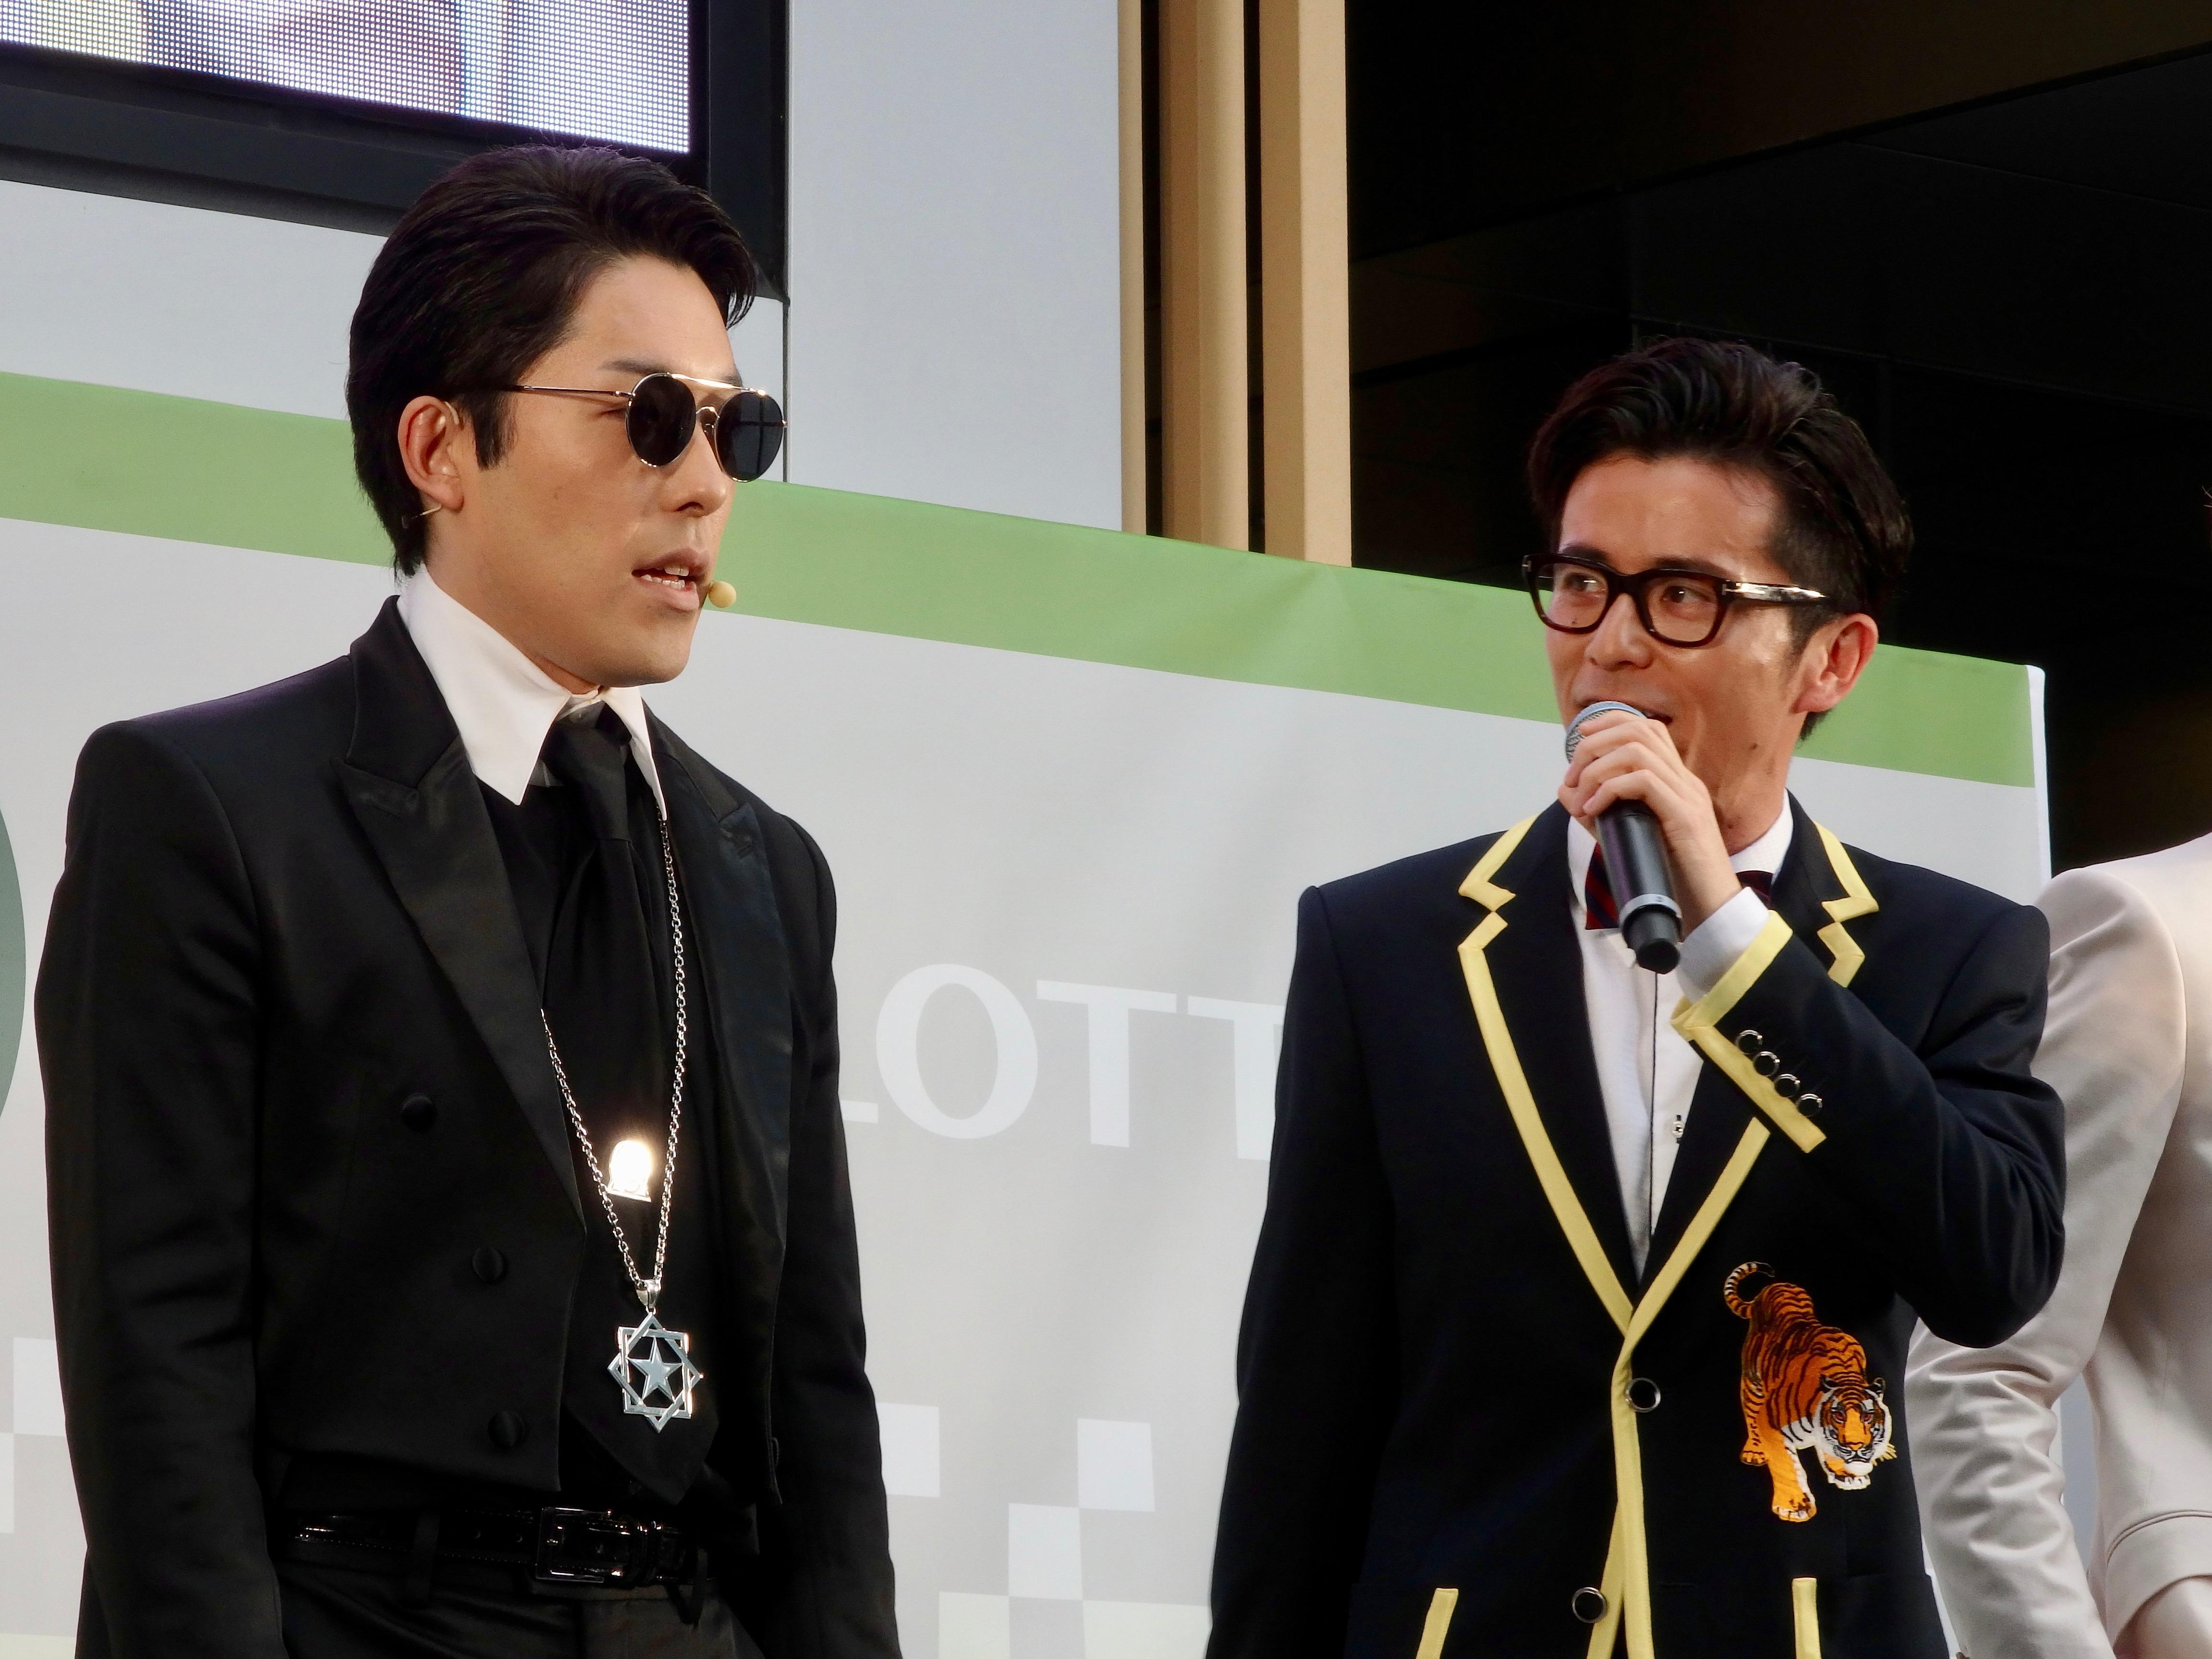 http://news.yoshimoto.co.jp/20170417190305-d63940a90a0f0988ba9cf77609529f9775fdf13b.jpg